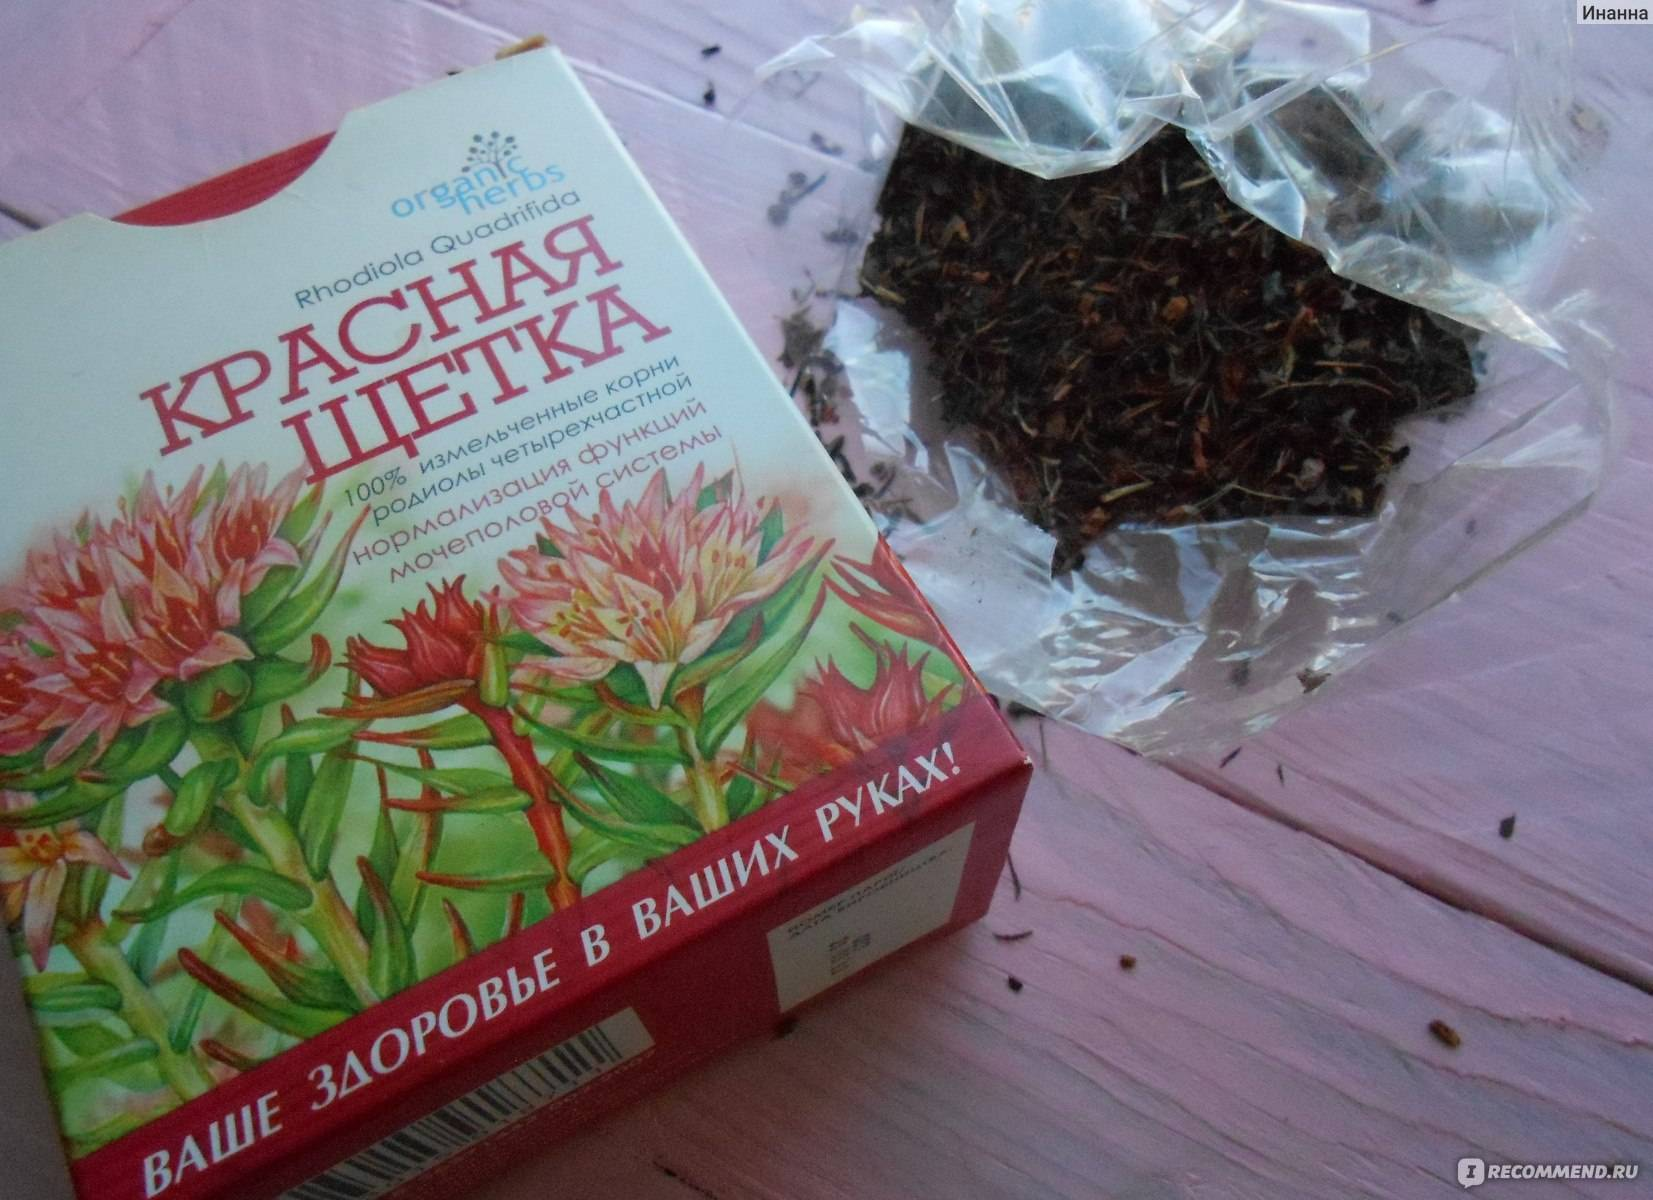 Трава красная щетка — лечебные свойства и противопоказания для женщин, инструкция по применению, отзывы